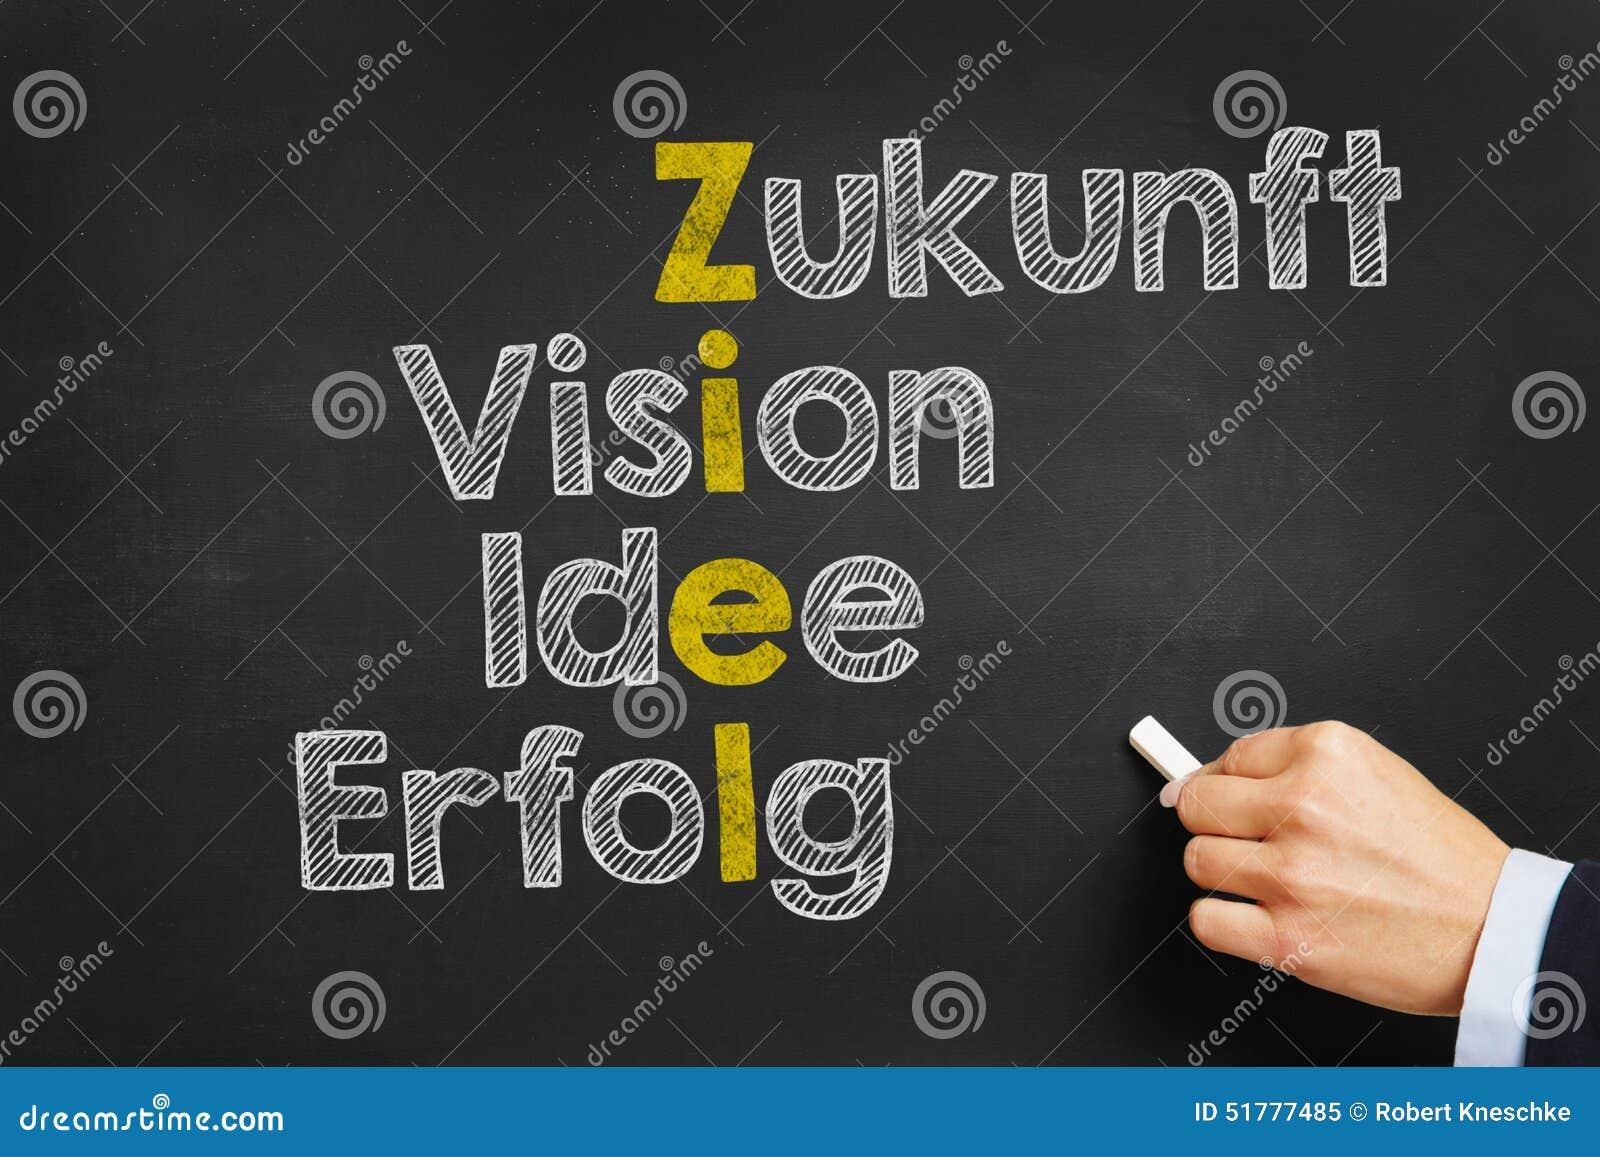 Tafel mit Konzept auf Deutsch für Ziel